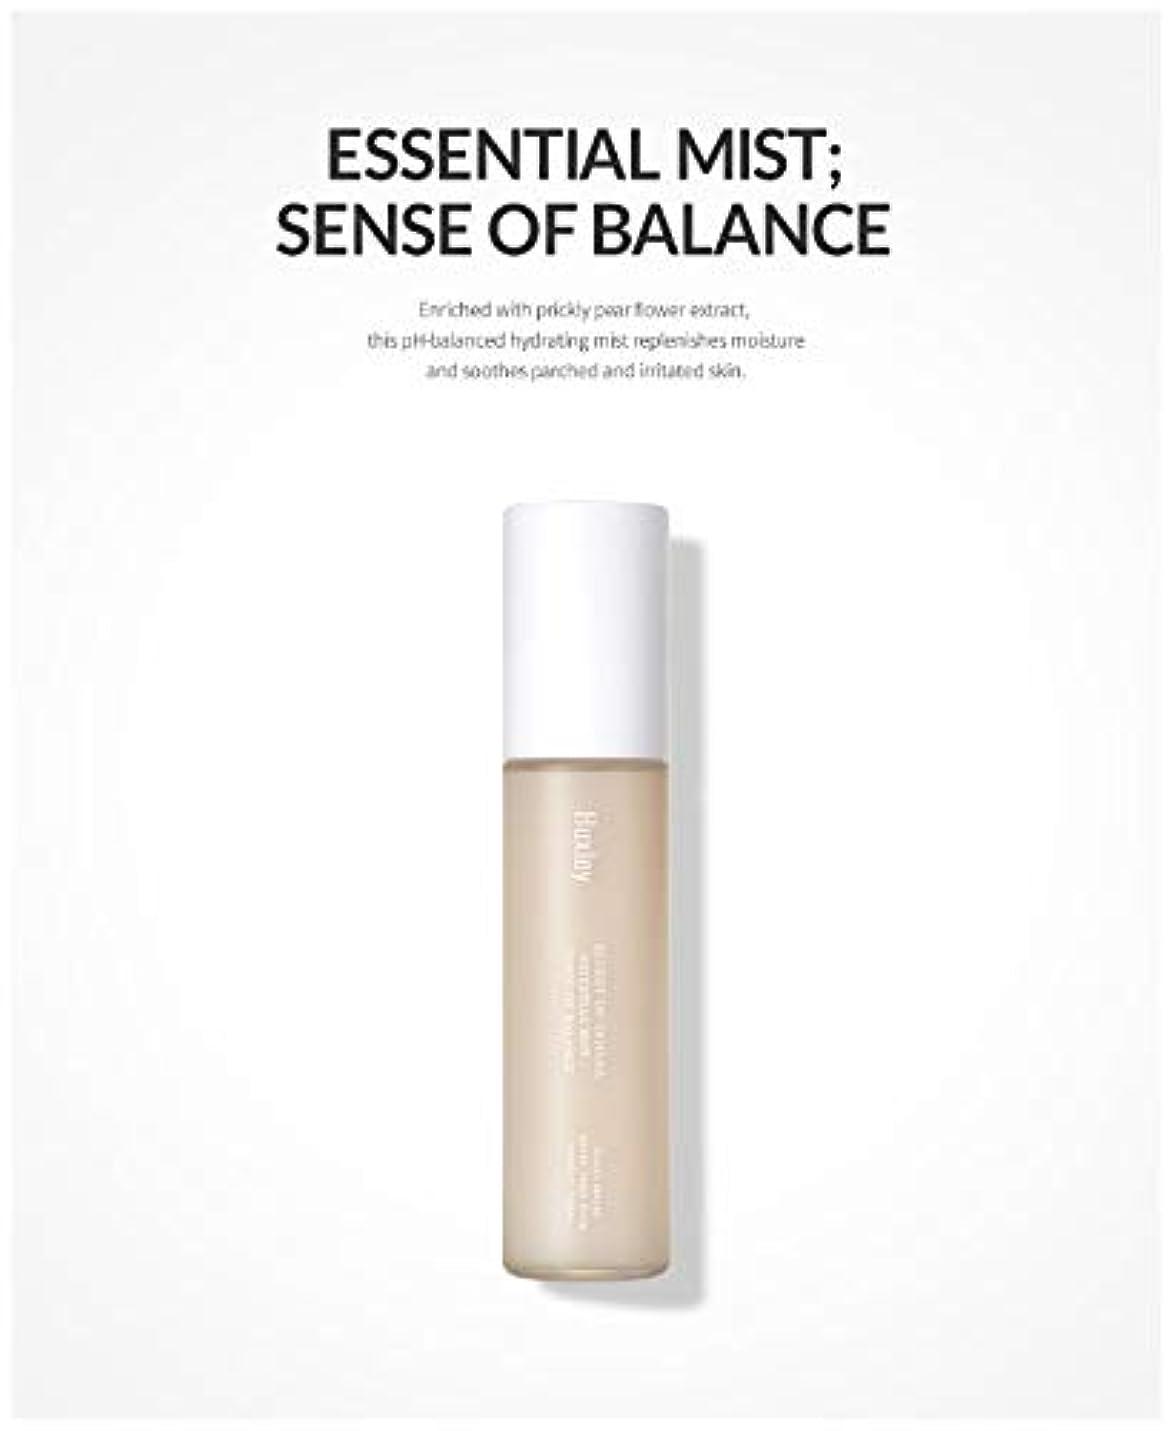 追加する香り思われる[Huxley] ESSENTIAL MIST ; SENSE OF BALANCE 35mL/ [ハクスリー]エッセンシャルミストセンスオブバランス35mL [並行輸入品]